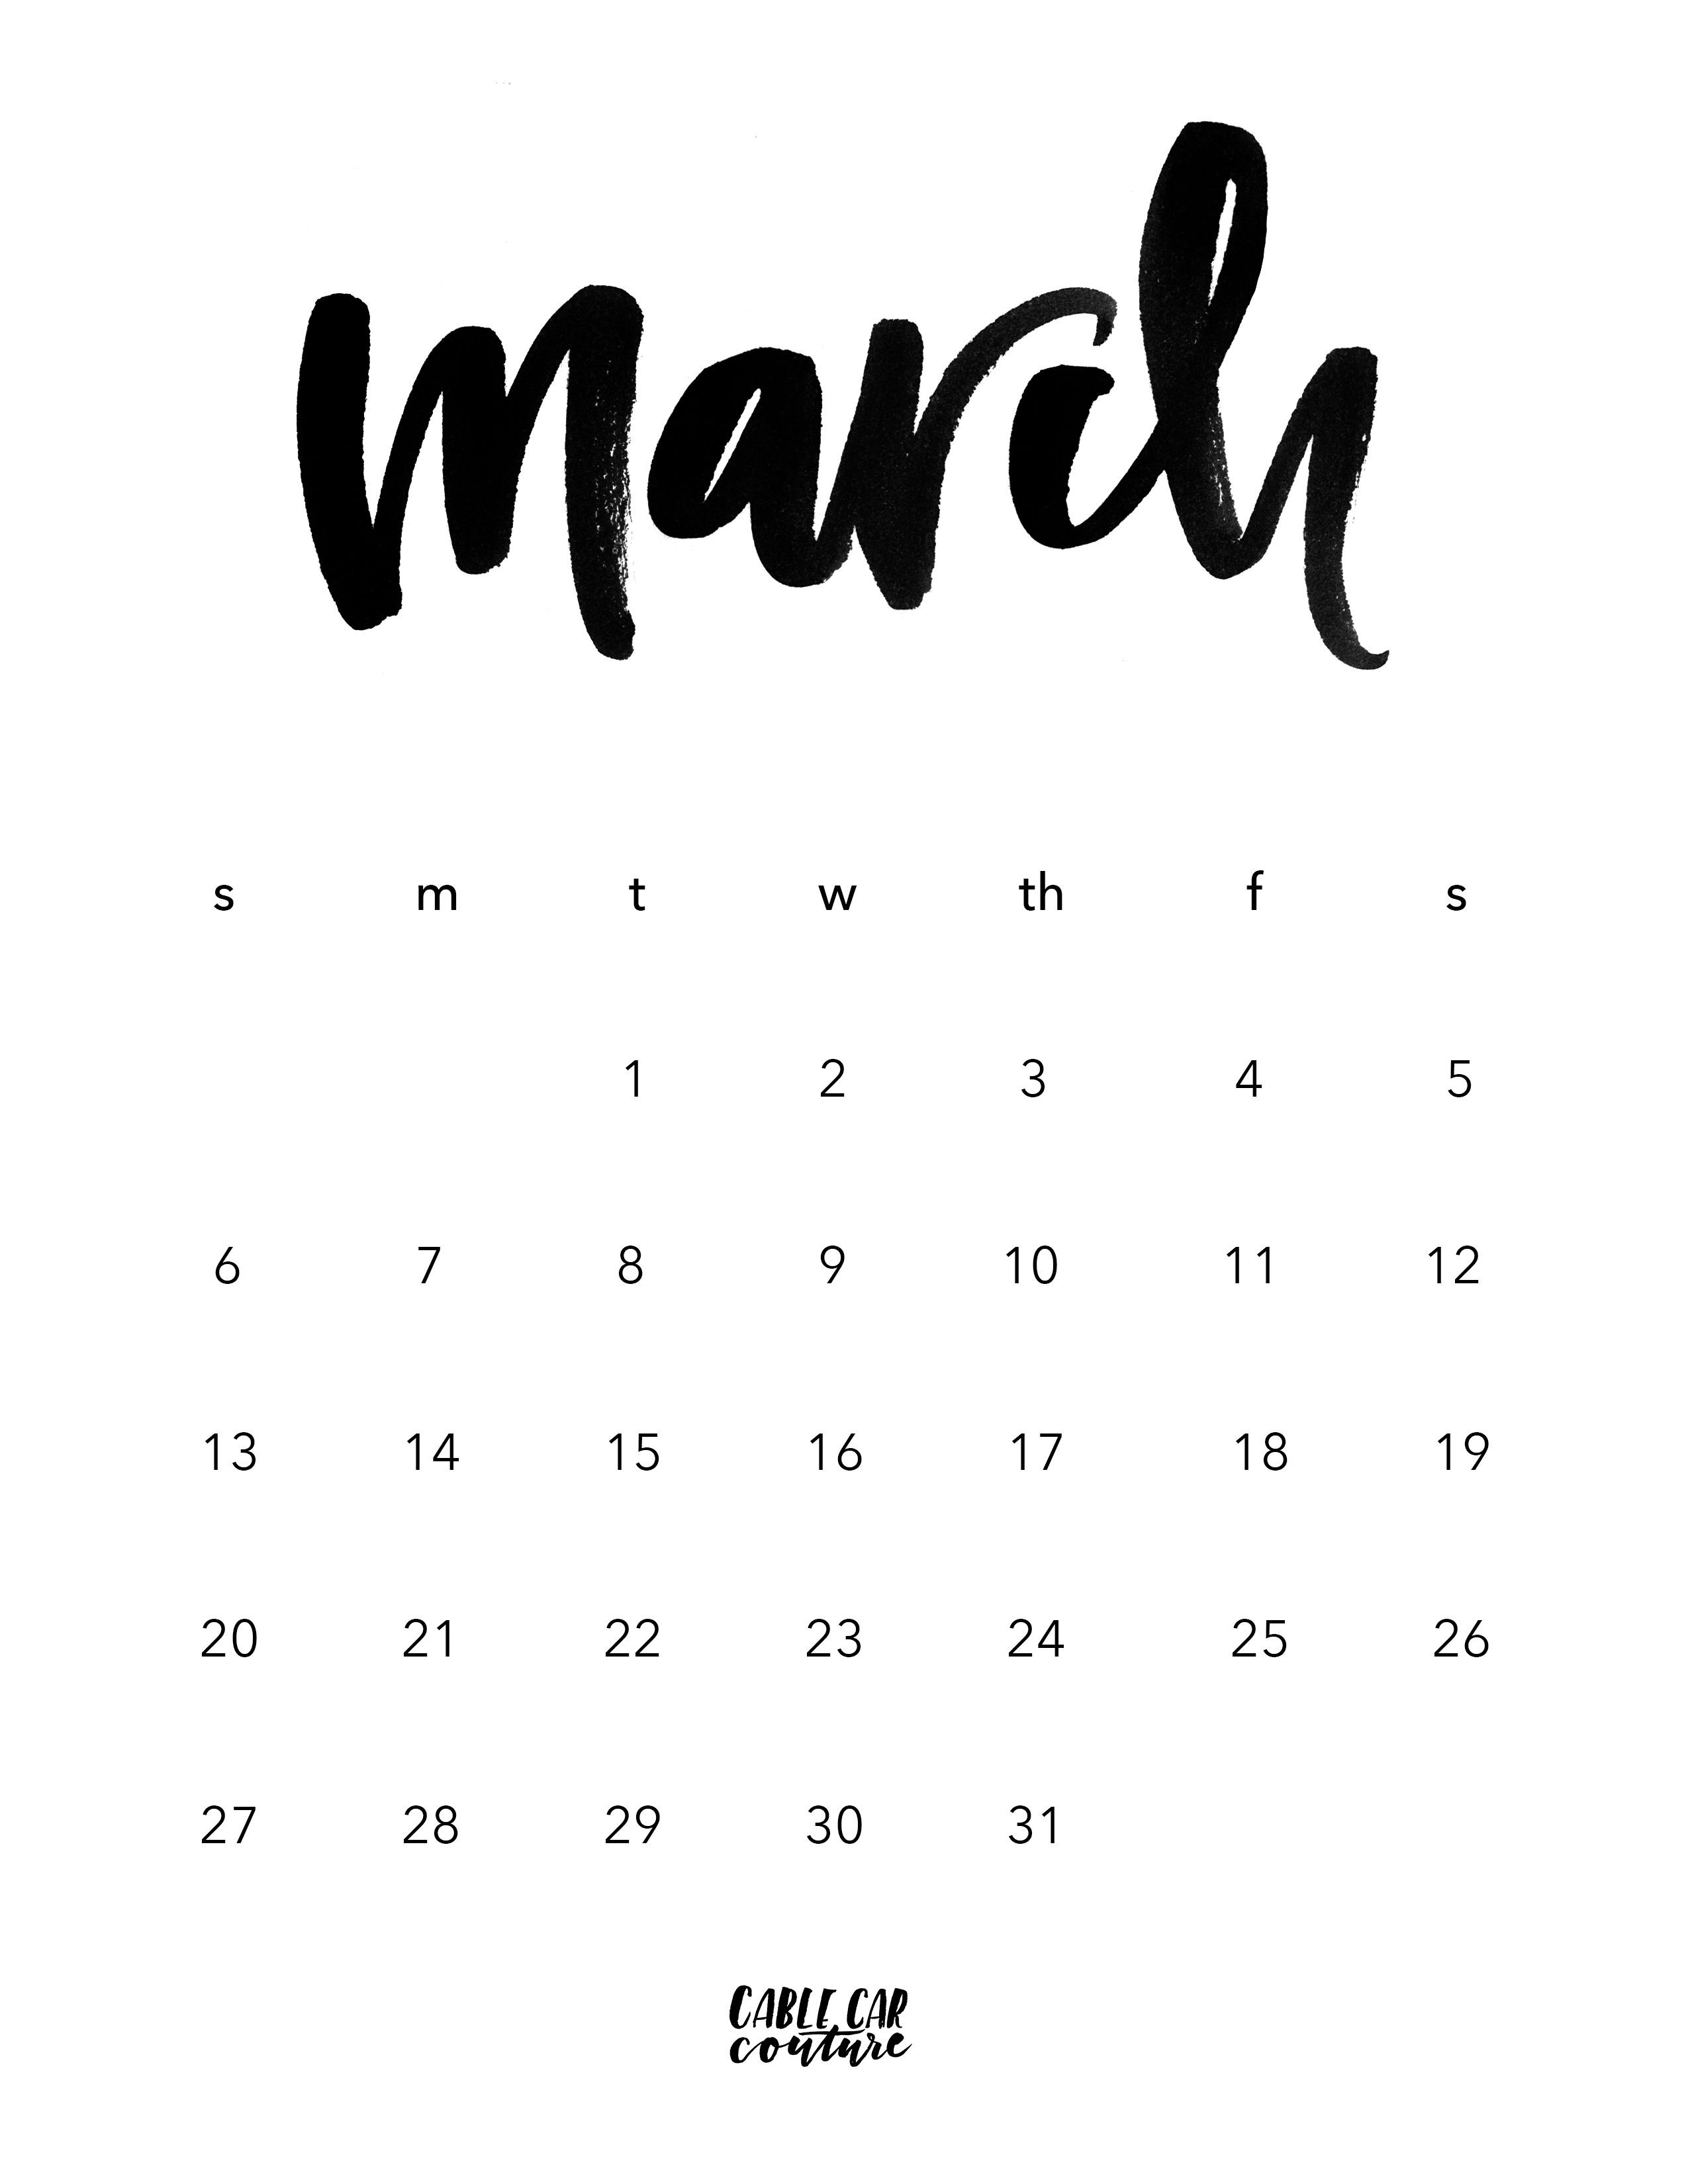 Calendario 2019 Com Feriados Portugal Pdf Más Caliente March Brush Calligraphy Calendar 2016 Jornal Of Calendario 2019 Com Feriados Portugal Pdf Más Caliente 2019 January Calendar Template and 2019 Printable Calendar Pages